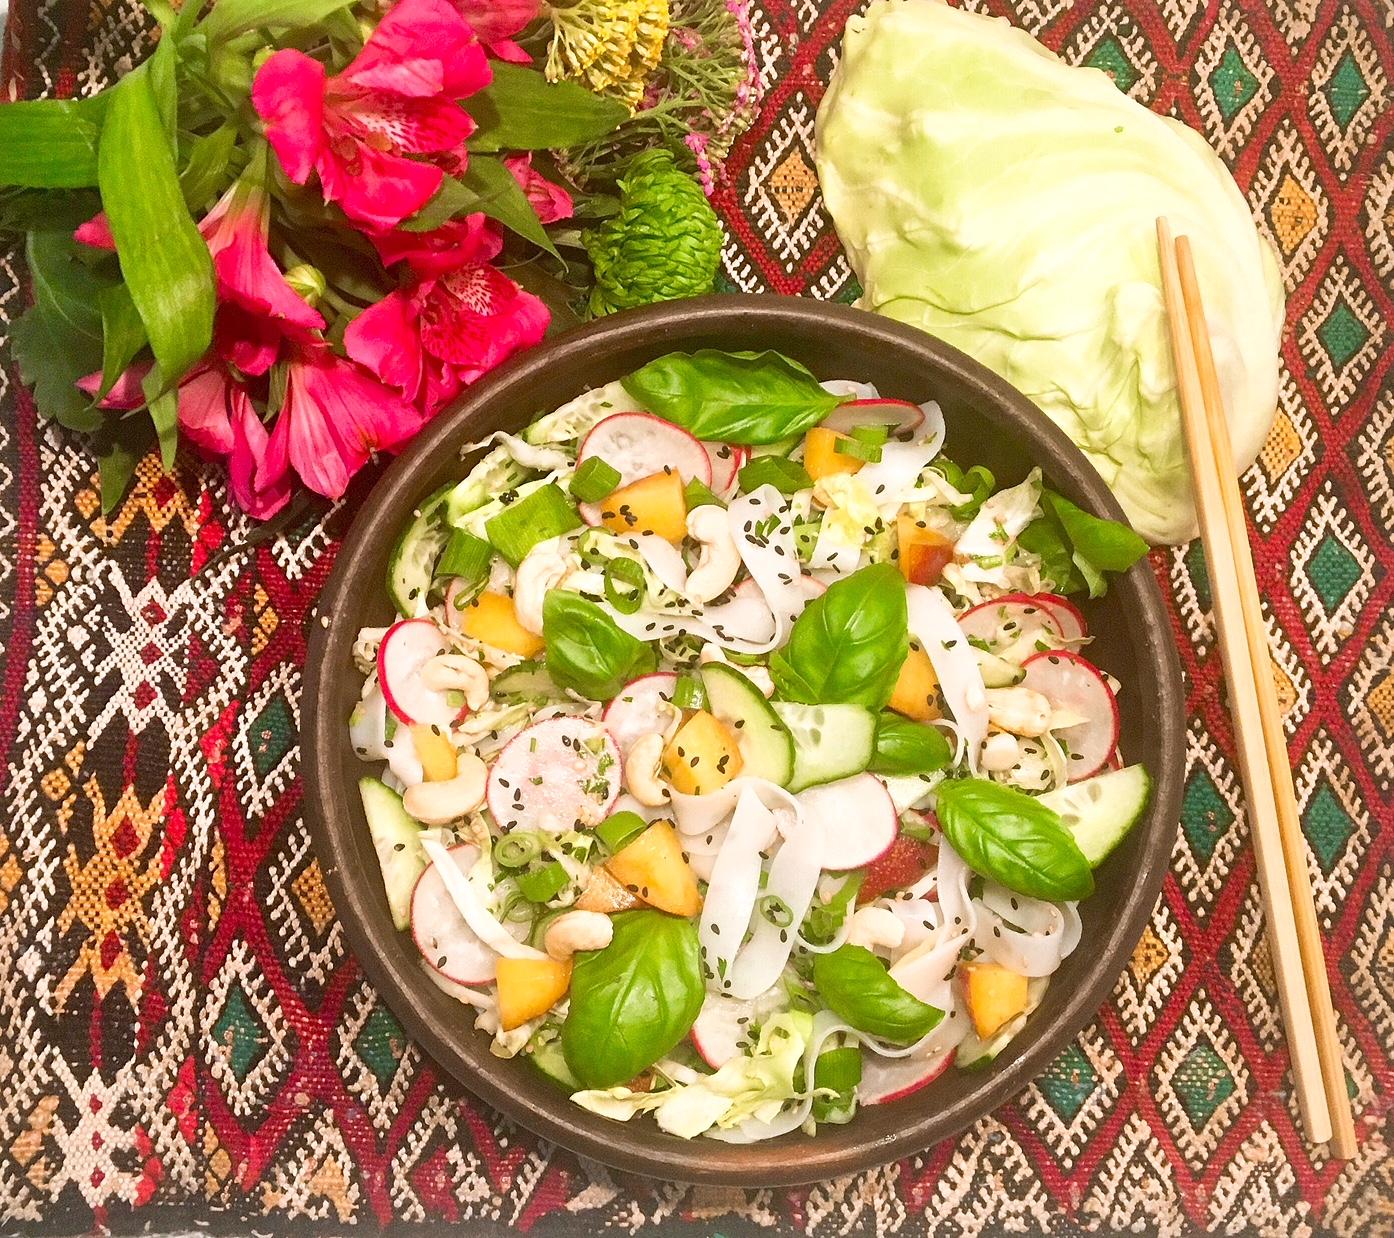 Salade de nouilles de riz au chou pointu et aux pêches, vinaigrette au lait de coco